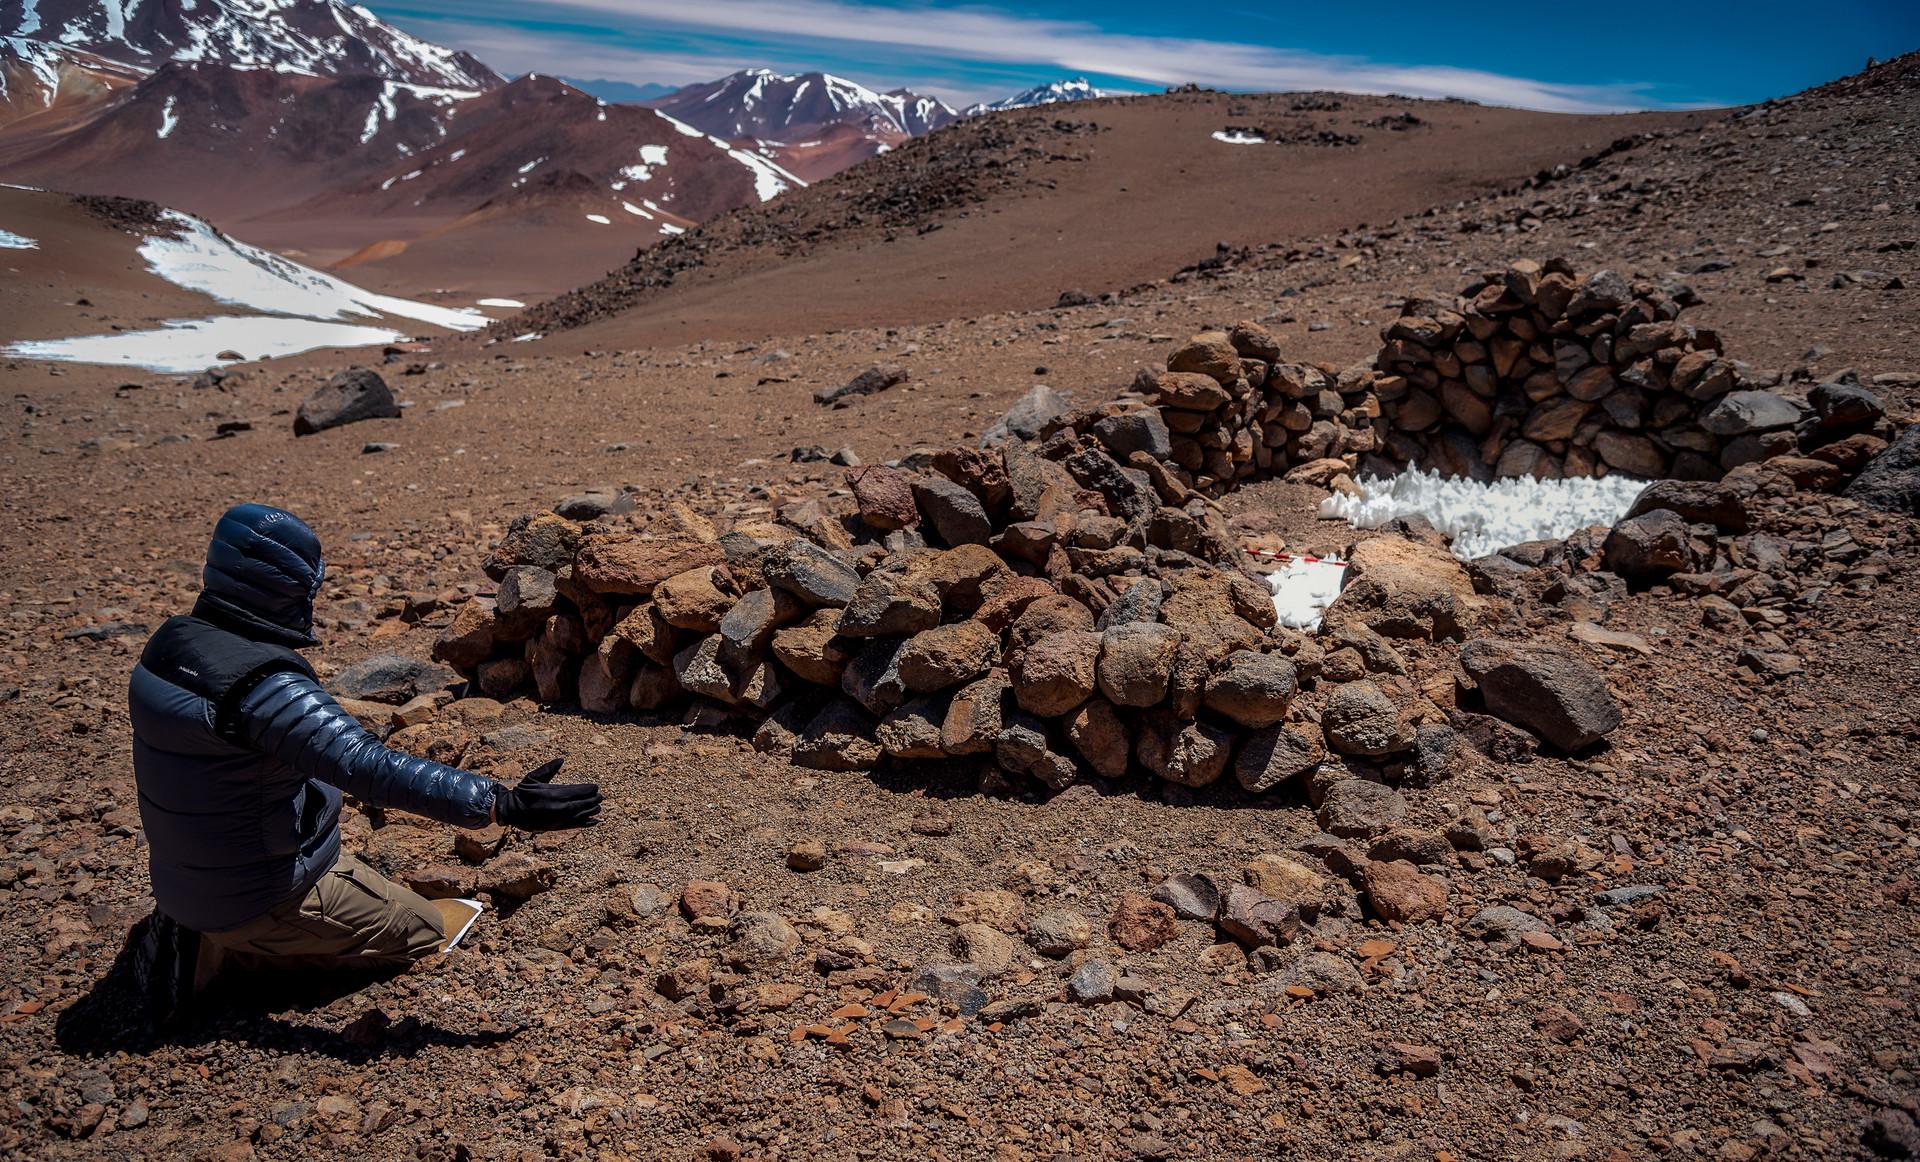 Volcán Llullaillaco 6.739 msnm. Campaña científica en alta montaña (Salta, Argentina)